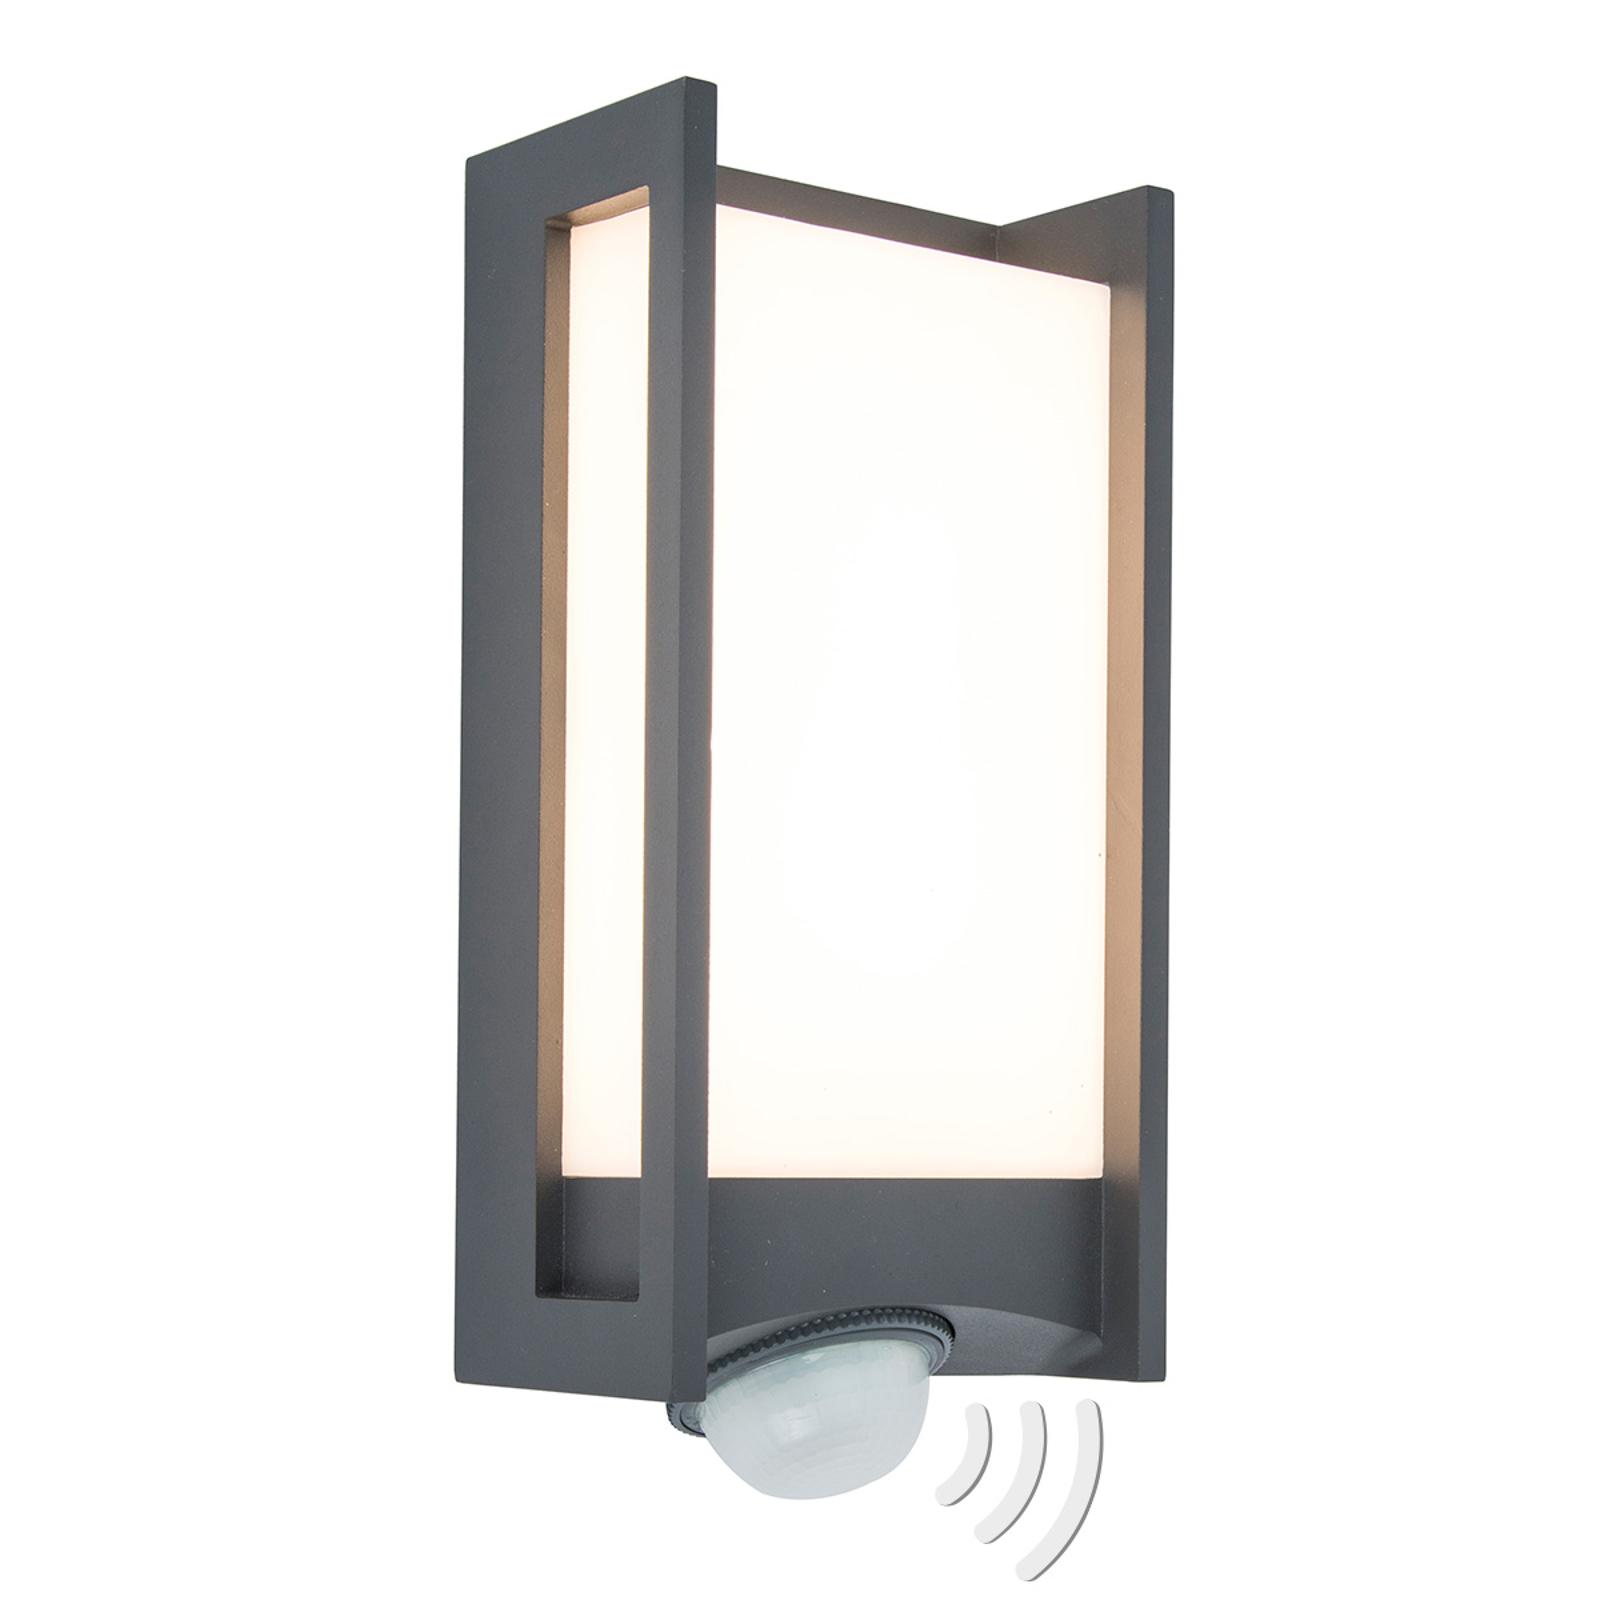 LED-Außenwandleuchte Qubo mit Bewegungsmelder